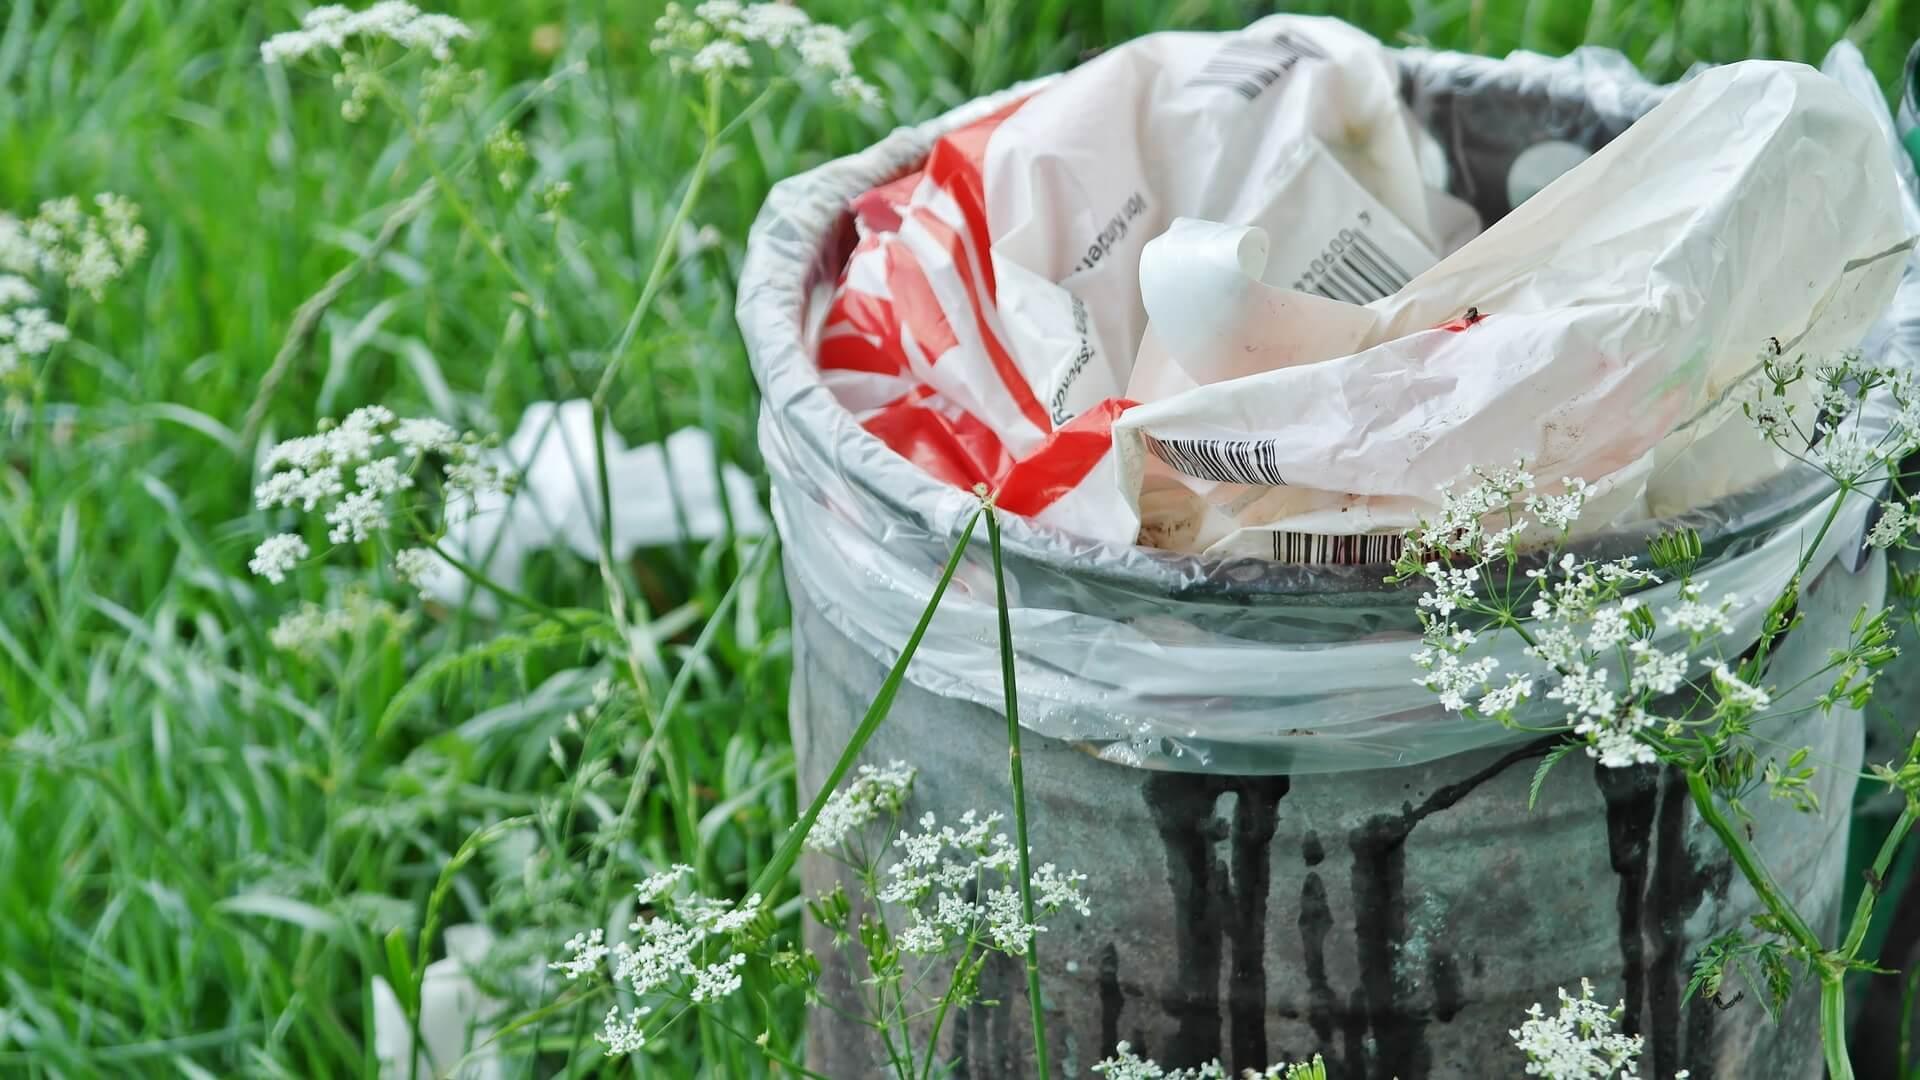 Buhr Gruppe Blog Plastikmüll vermeiden